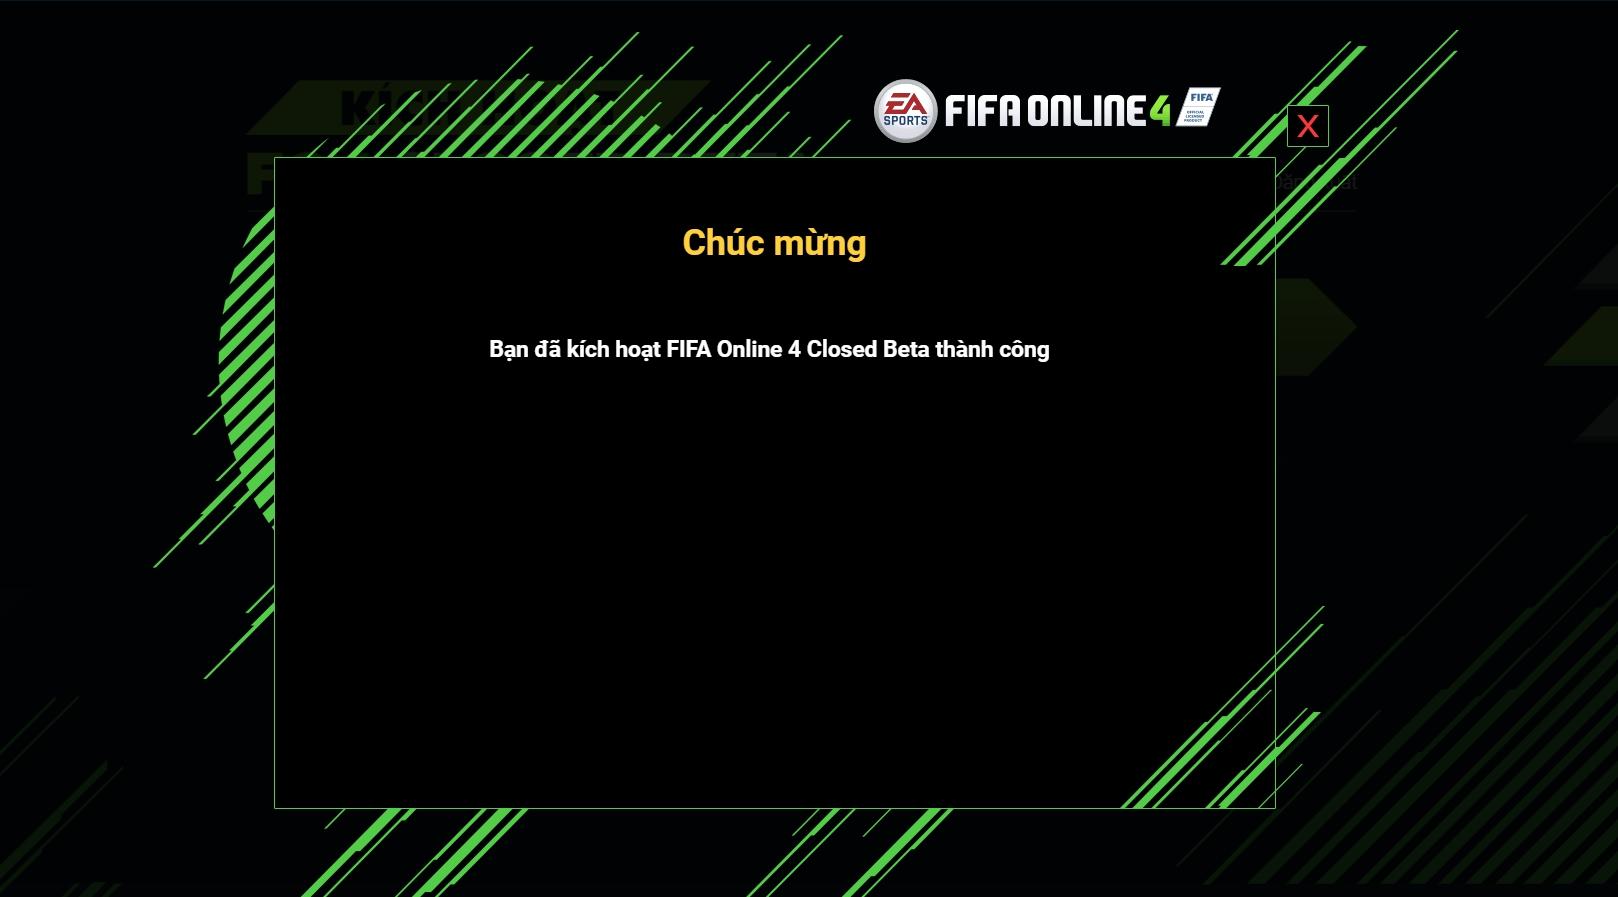 Cơ hội vàng để sở hữu key closed beta FIFA Online 4 Việt Nam!